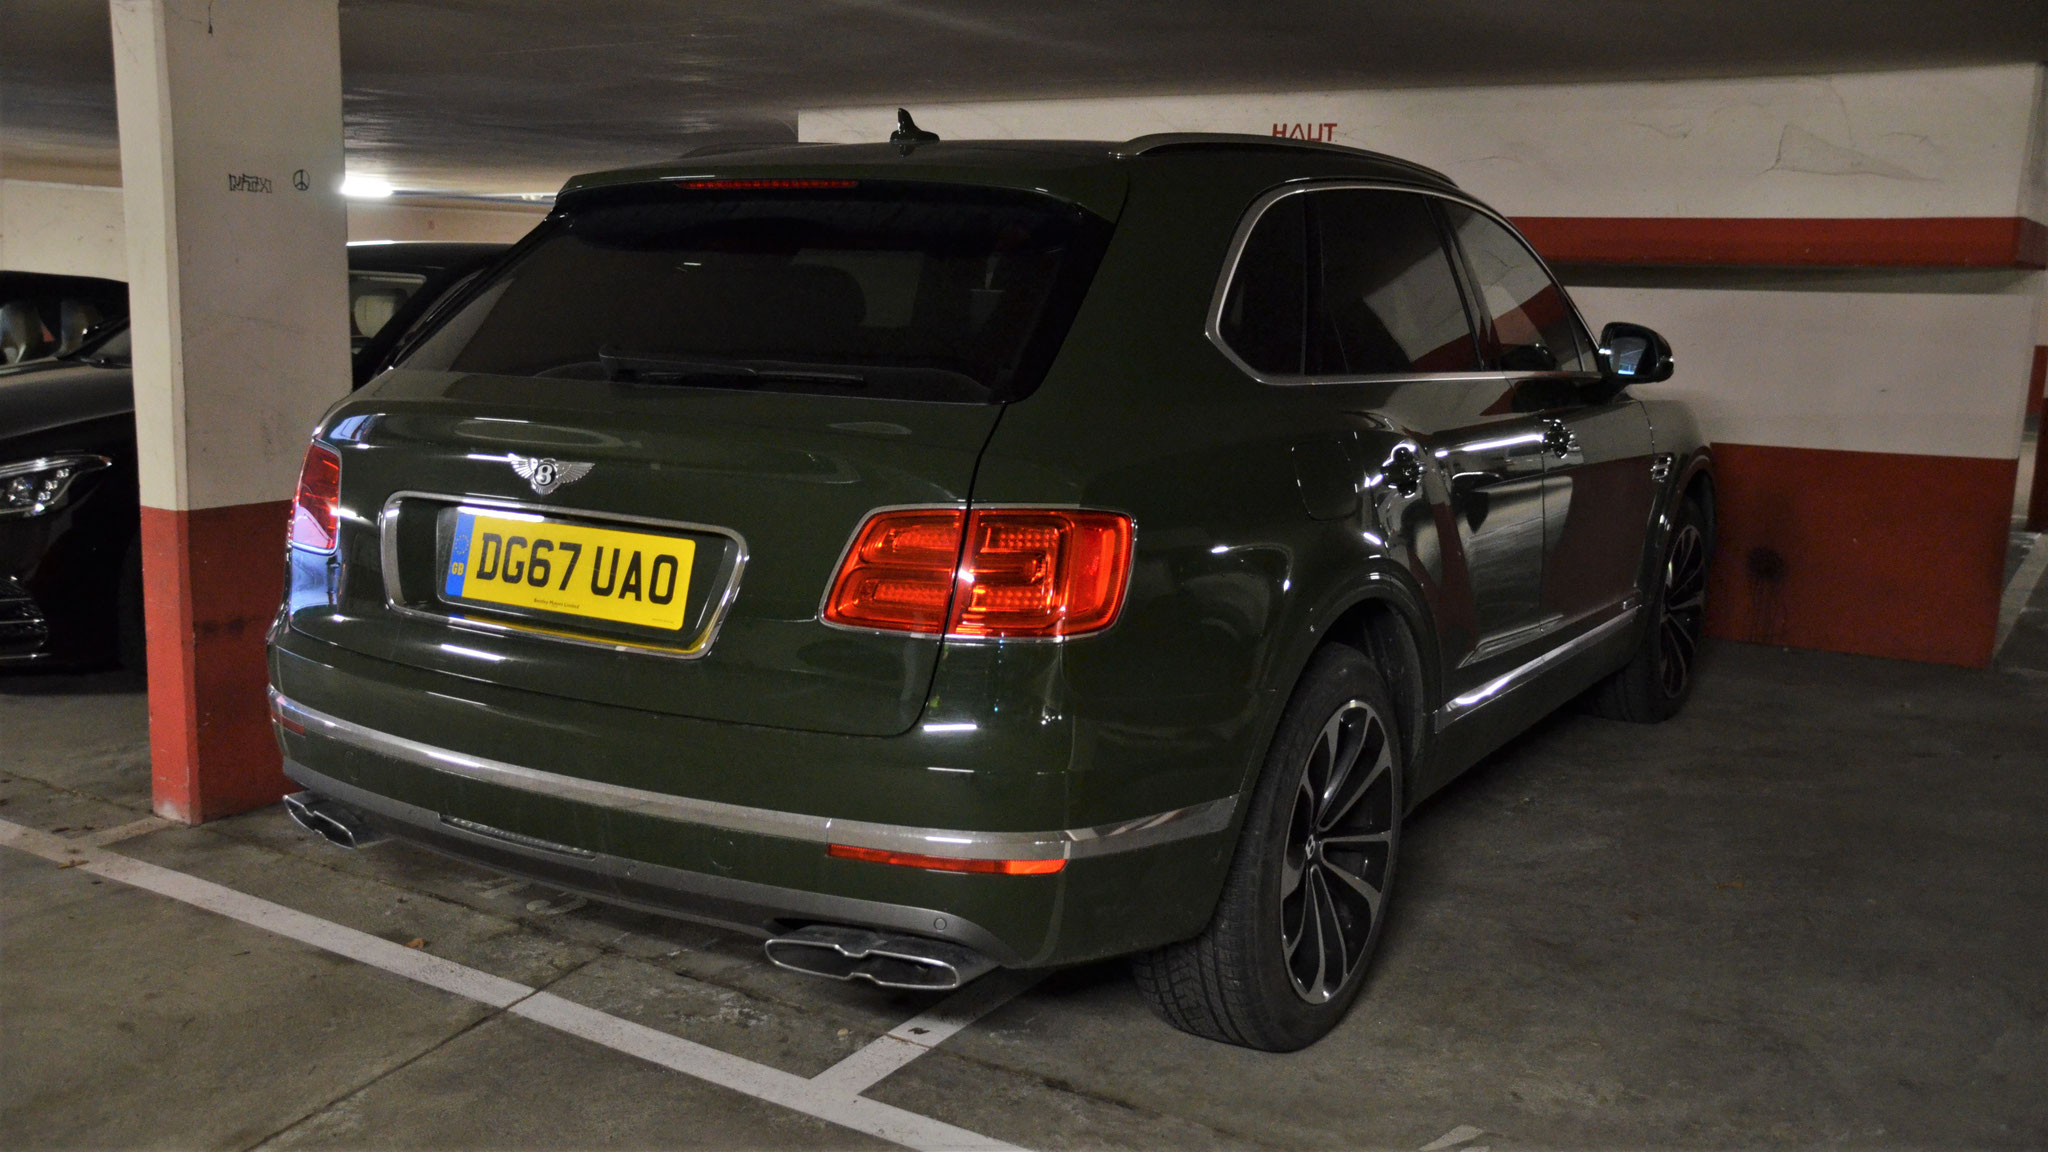 Bentley Bentayga - DG67-UAO (GB)